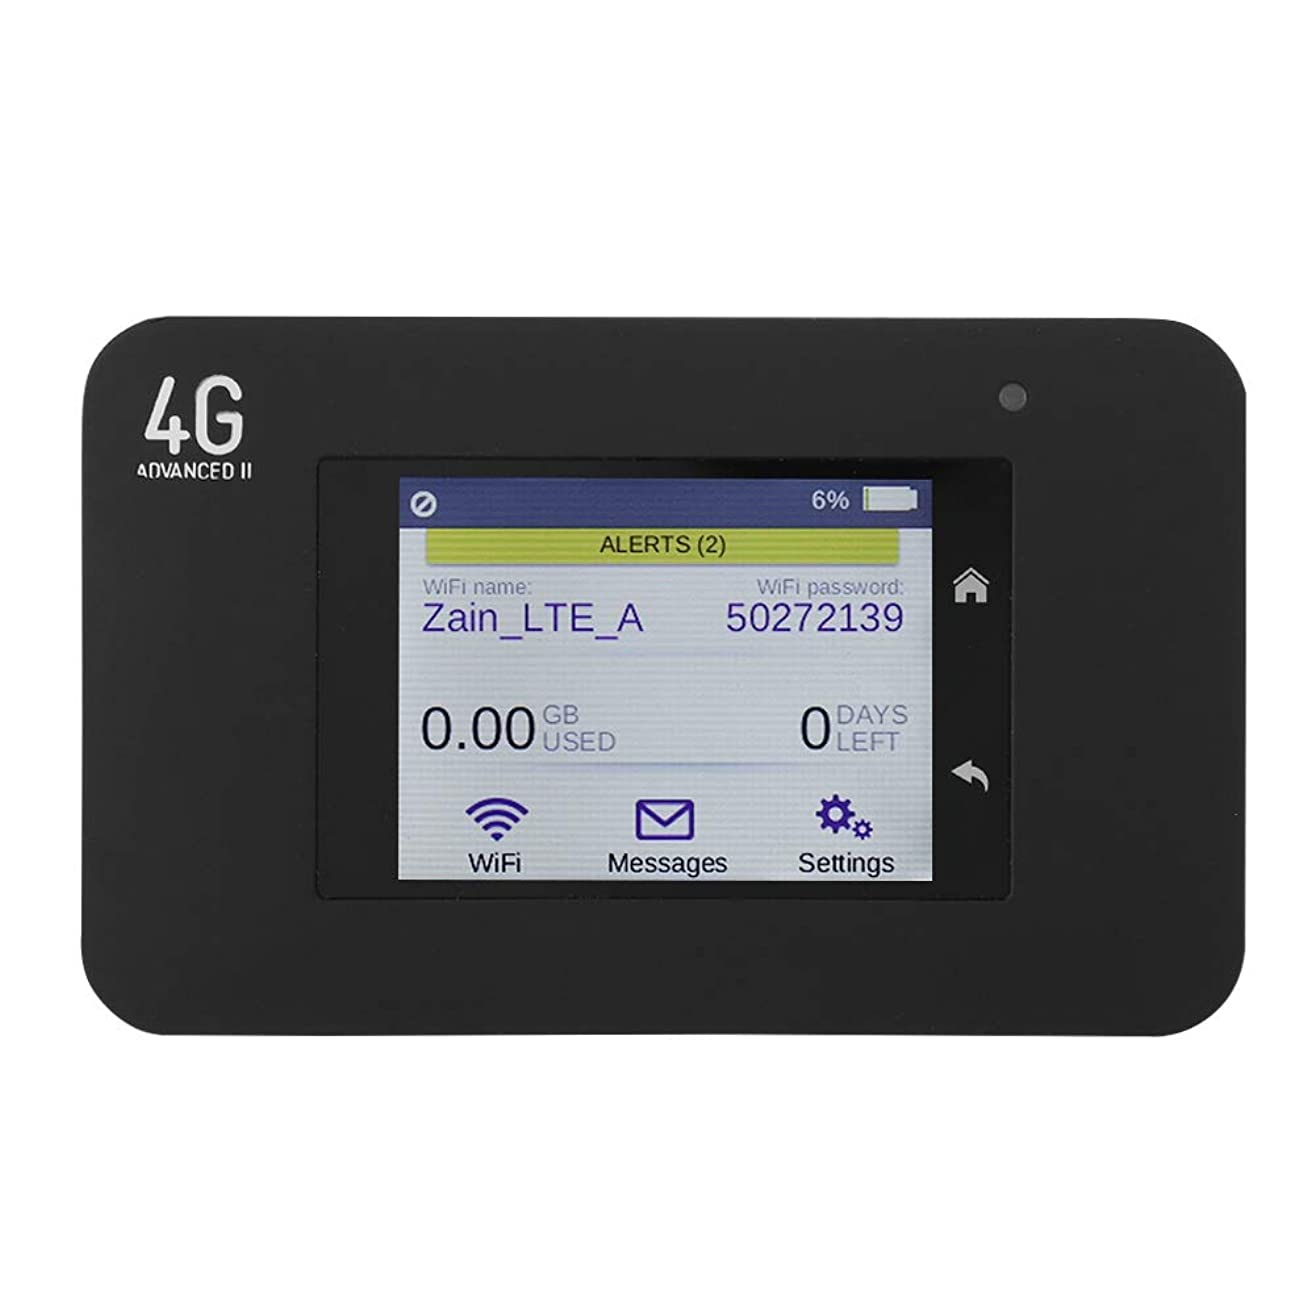 からかうタンザニアスカウトWiFiルーター Bewinner 4G LTE 300Mbps ワイヤレ WiFi スリピーター ルーター モバイルホットスポット 4Gドングル 無線LAN中継器 無線LANルーター